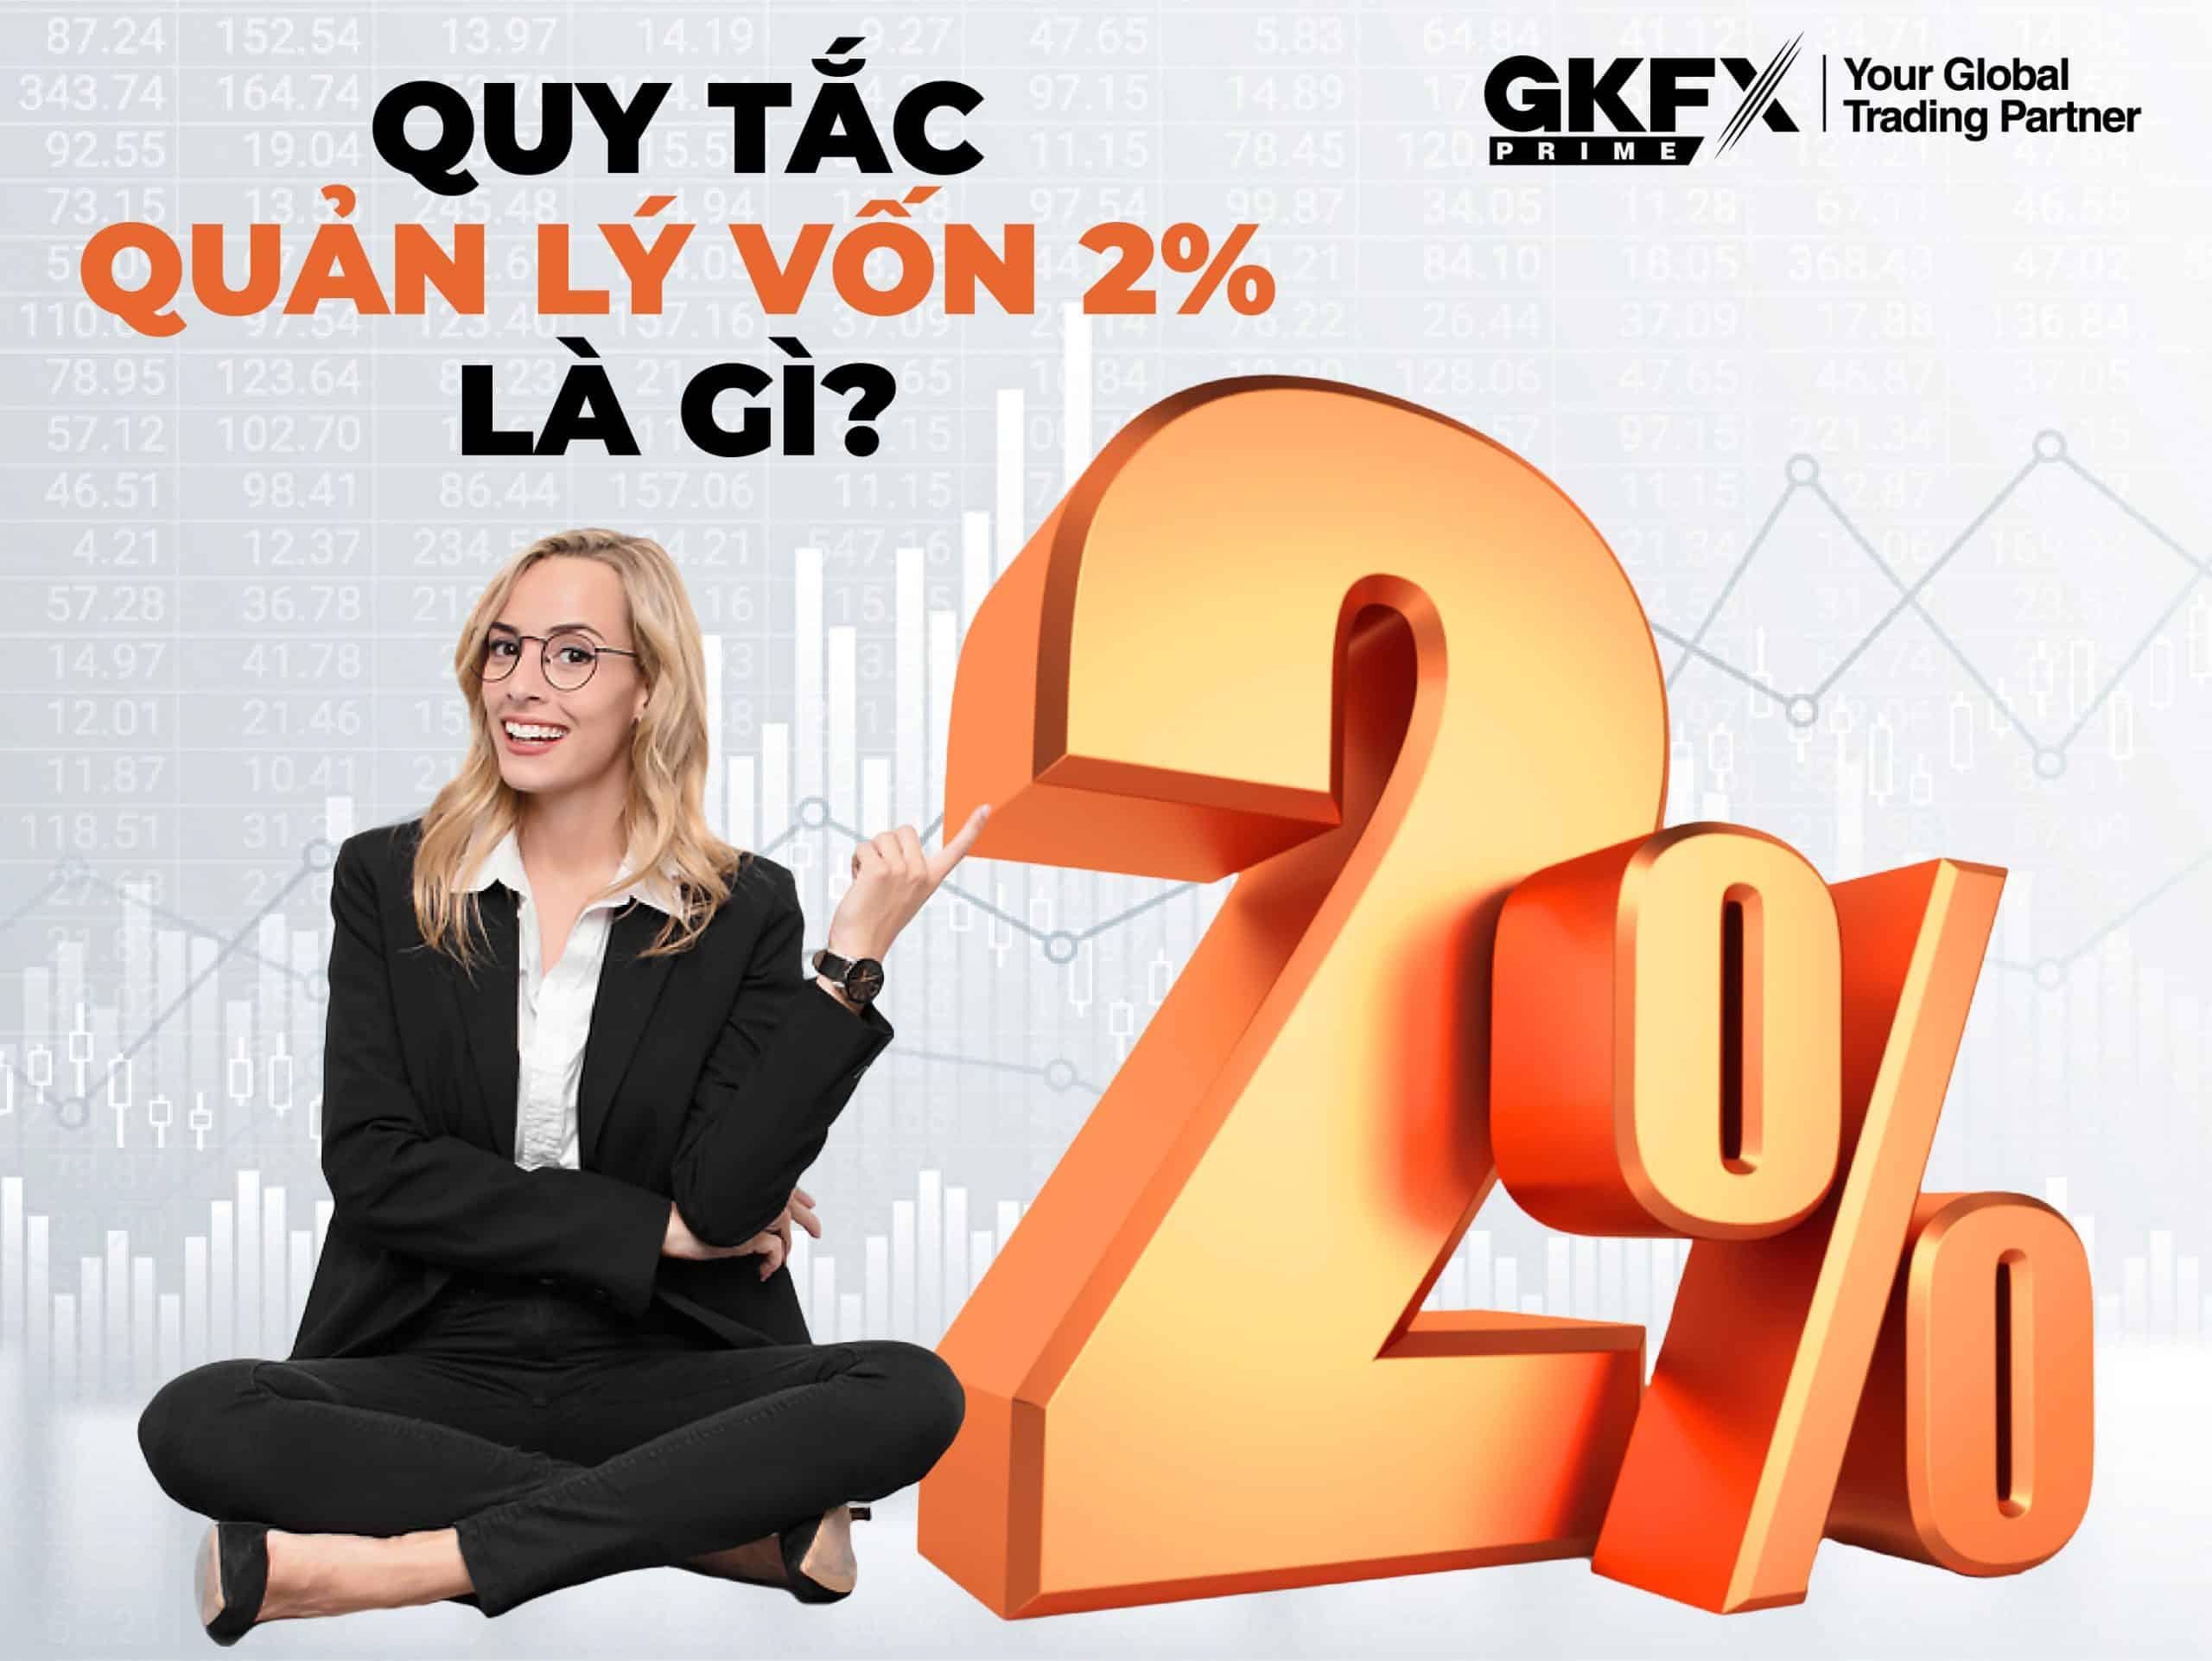 Quy Tắc Quản Lý Vốn 2% - Kim Chỉ Nam Giao Dịch Forex - Topbrokervn.com